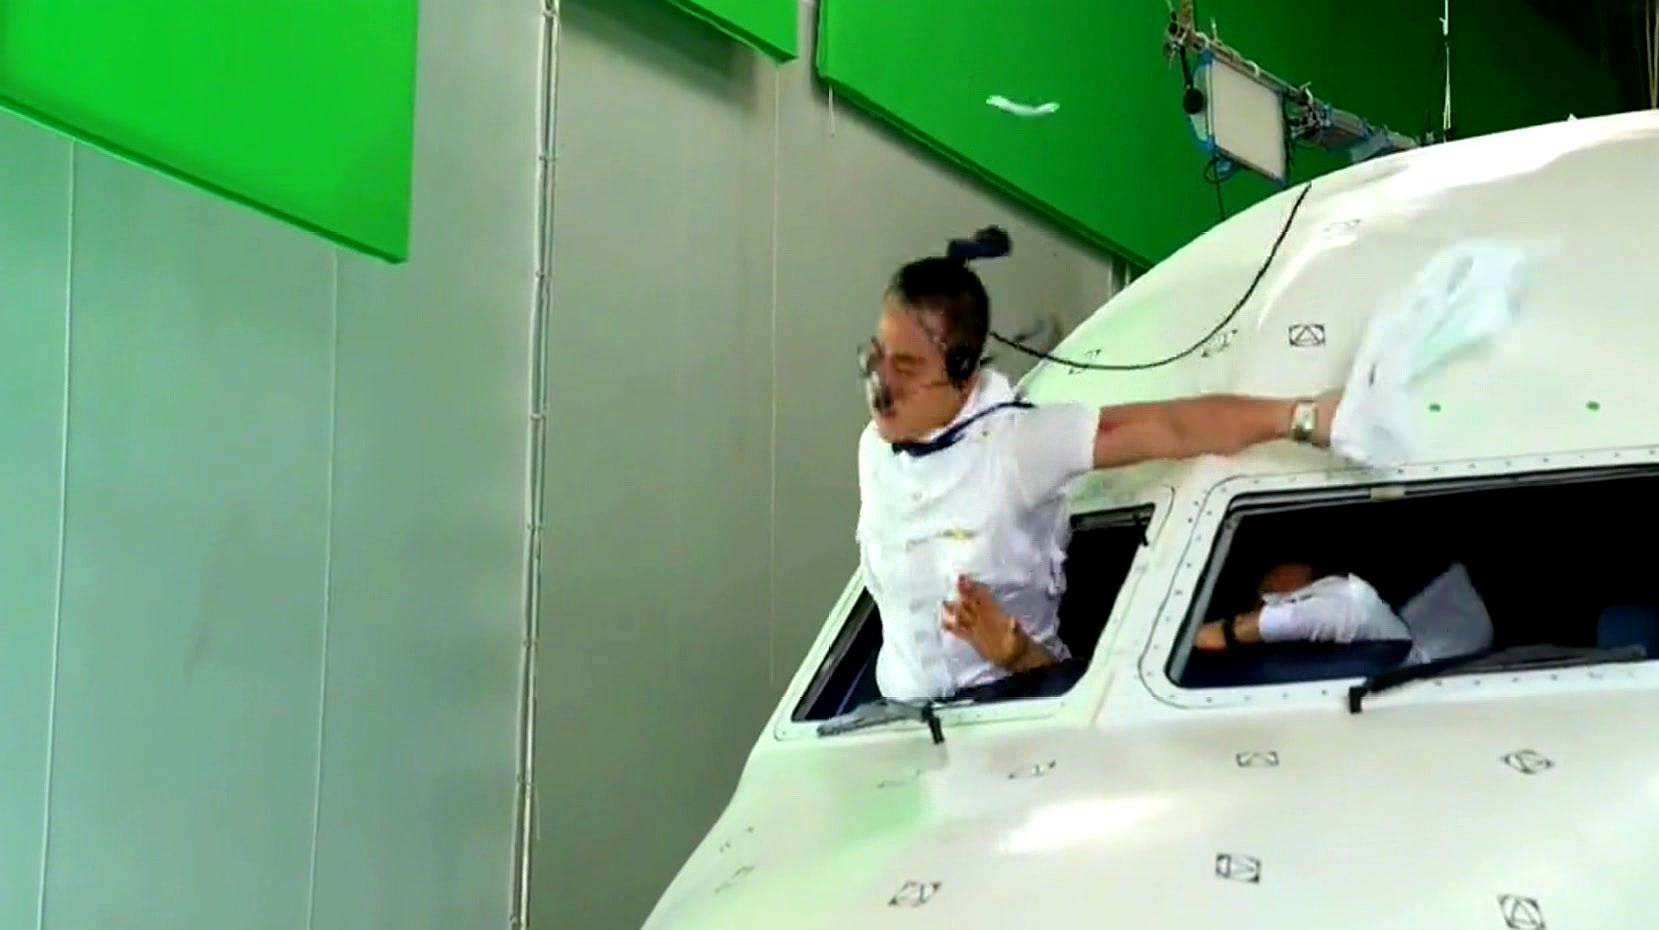 中国机长:原来欧豪飞出驾驶舱一段是这么拍摄的,100%真实还原